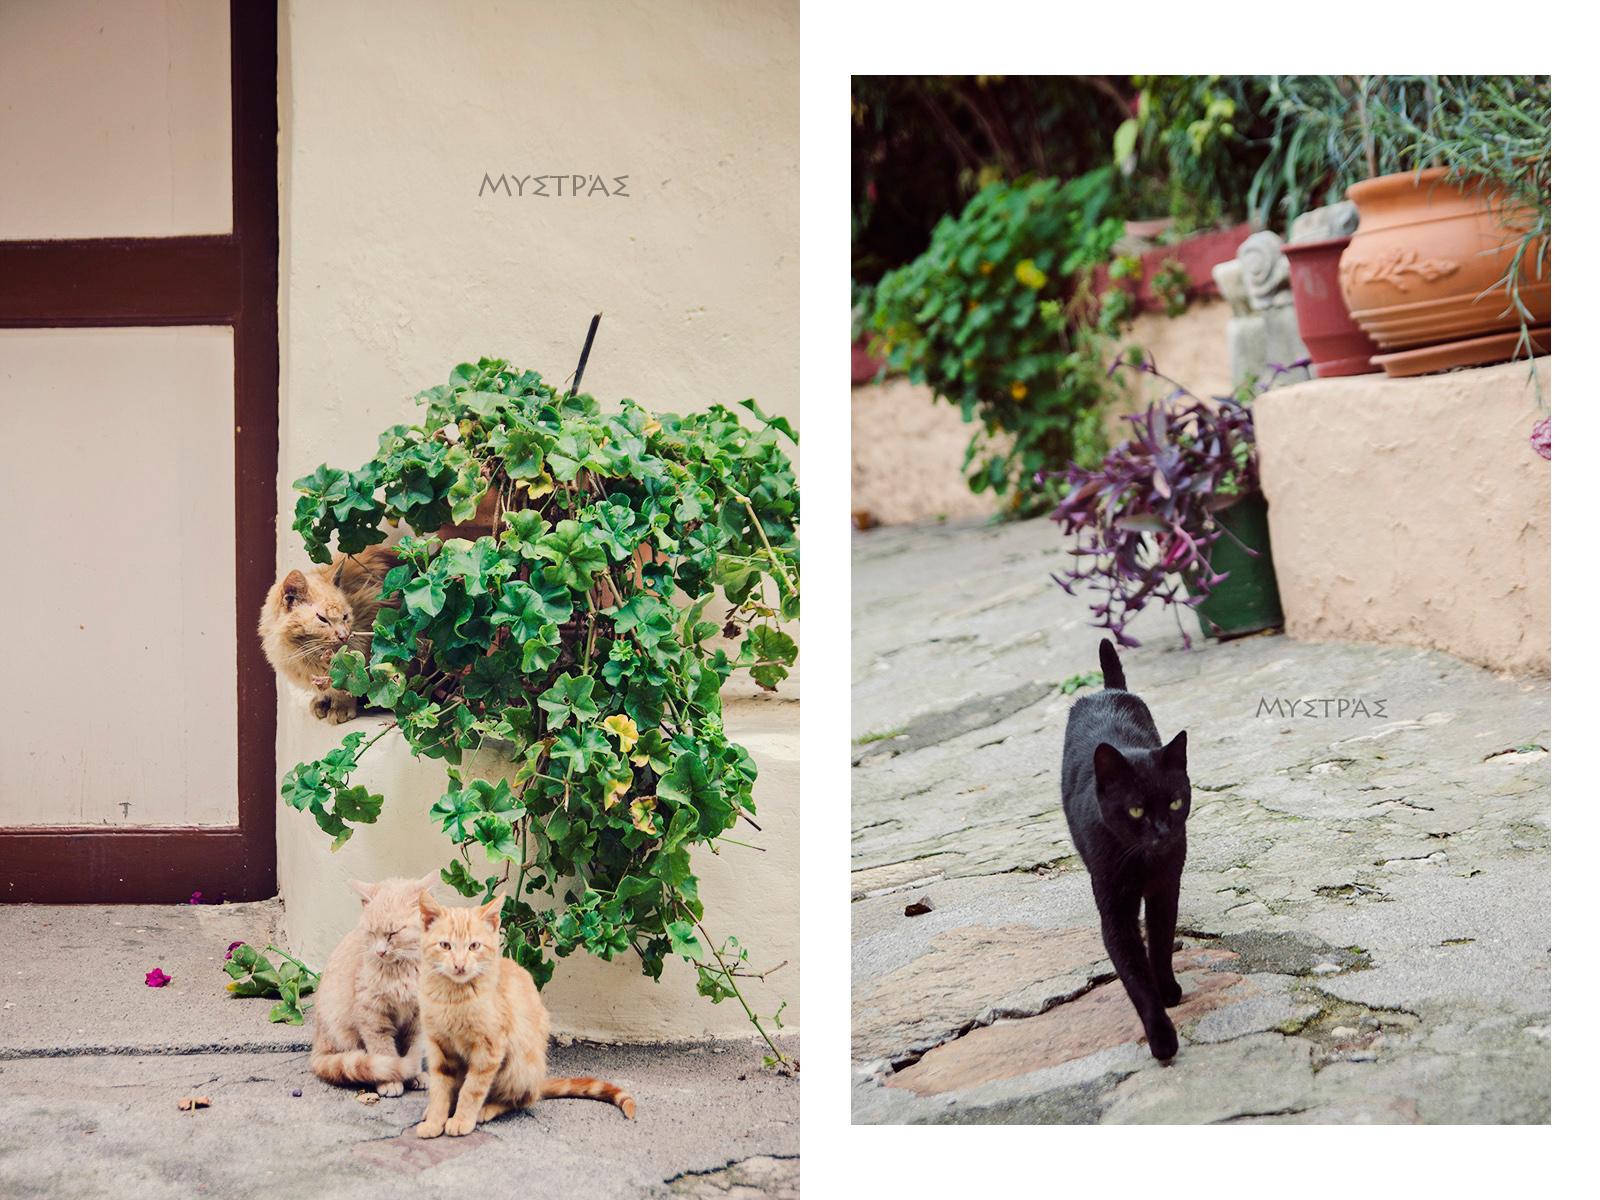 koty w Mistrze